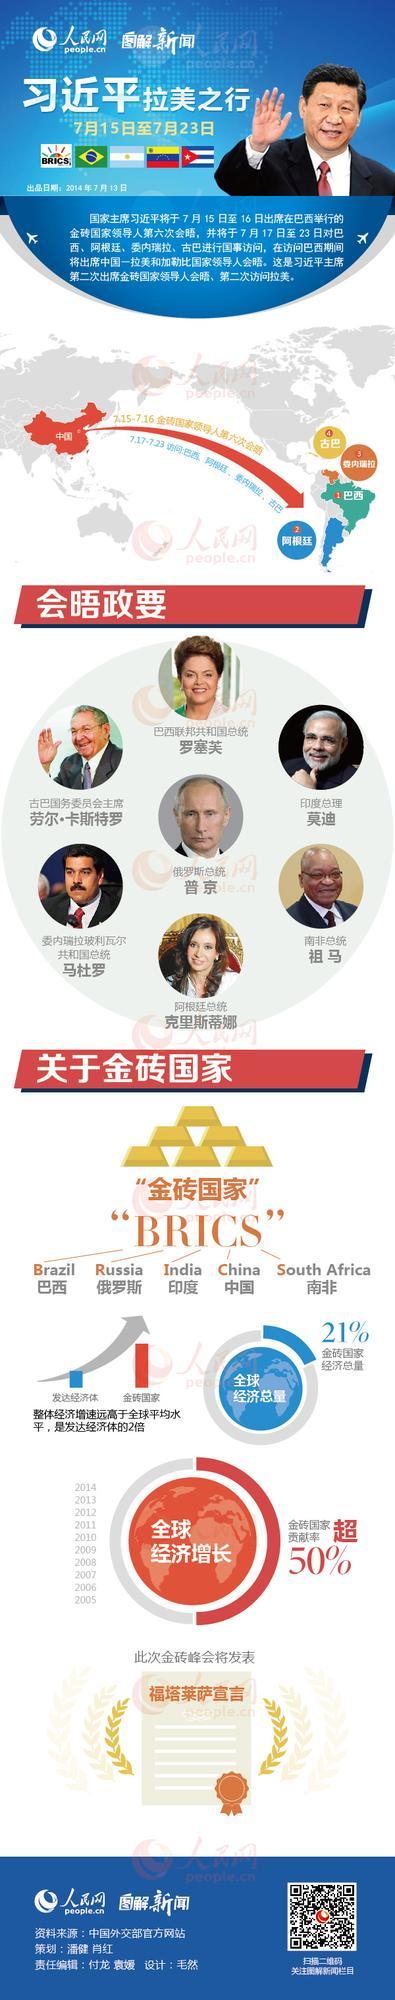 图解习近平出席金砖国家领导人会晤及访拉行程